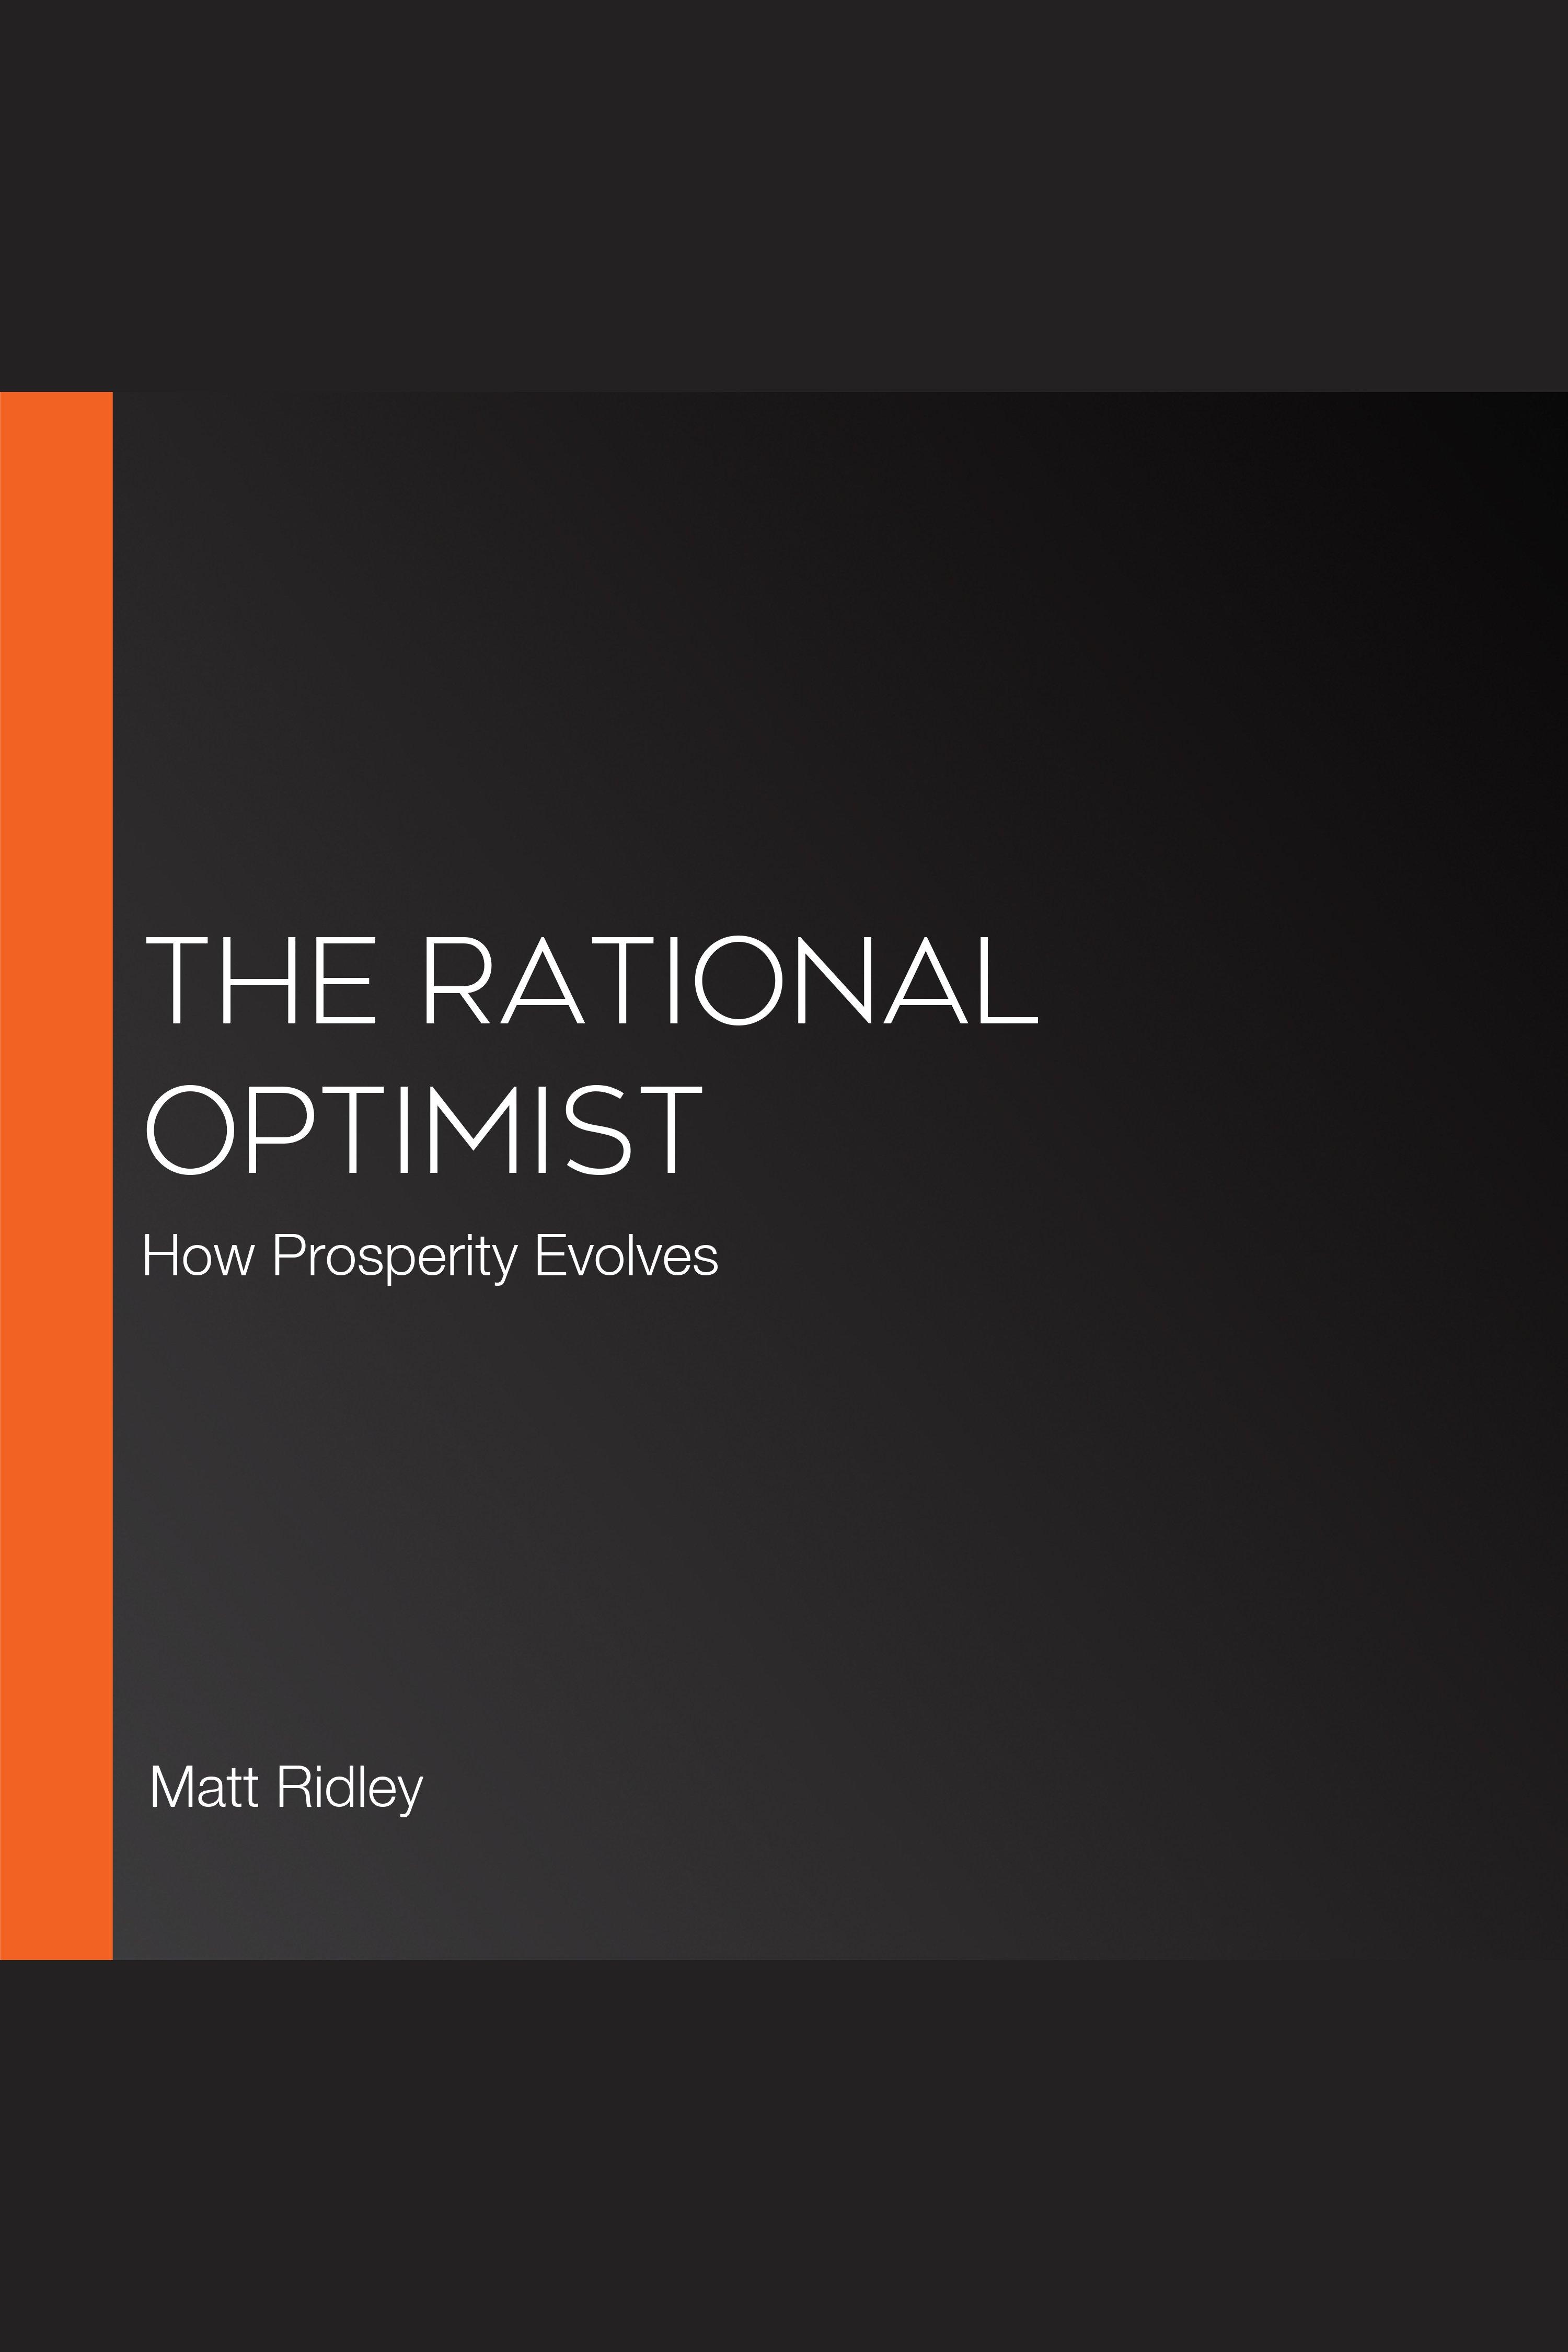 Esta es la portada del audiolibro Rational Optimist, The